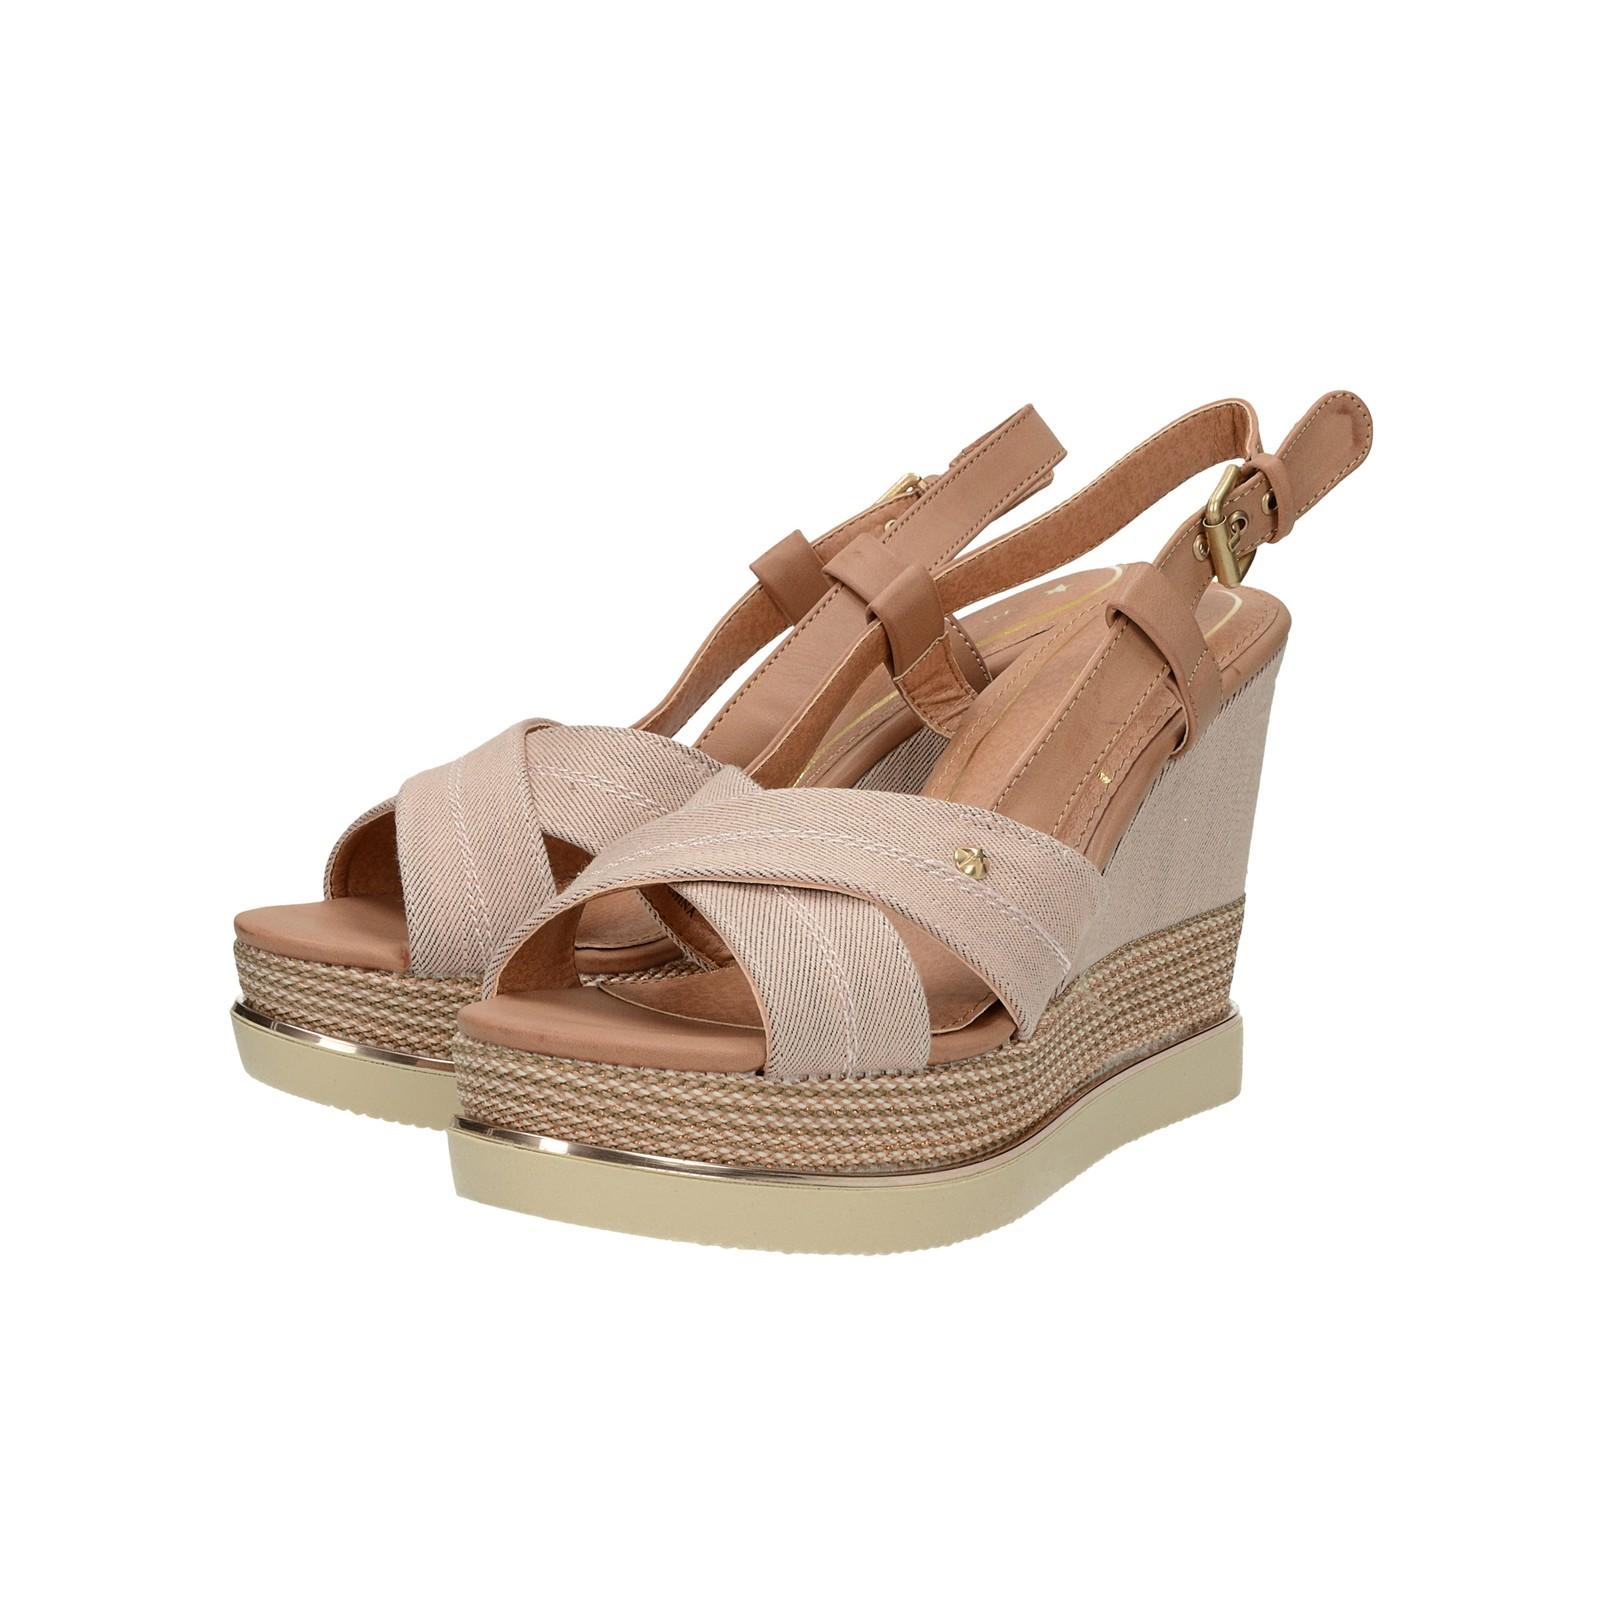 6e0a0a5b7c44 Wrangler dámske štýlové sandále na klinovej podrážke - ružové ...